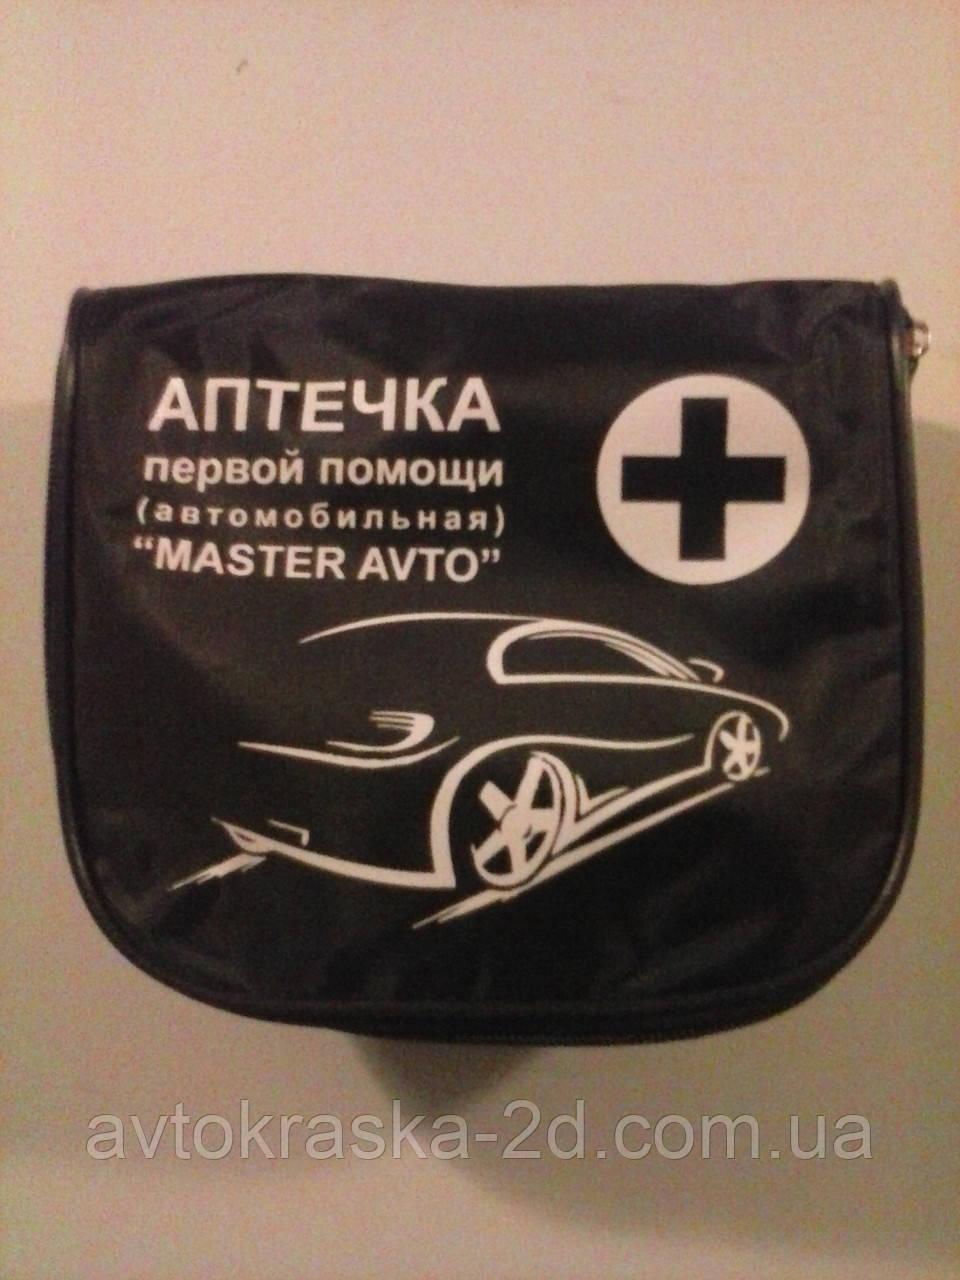 Аптечка автомобільна (м'яка упаковка).